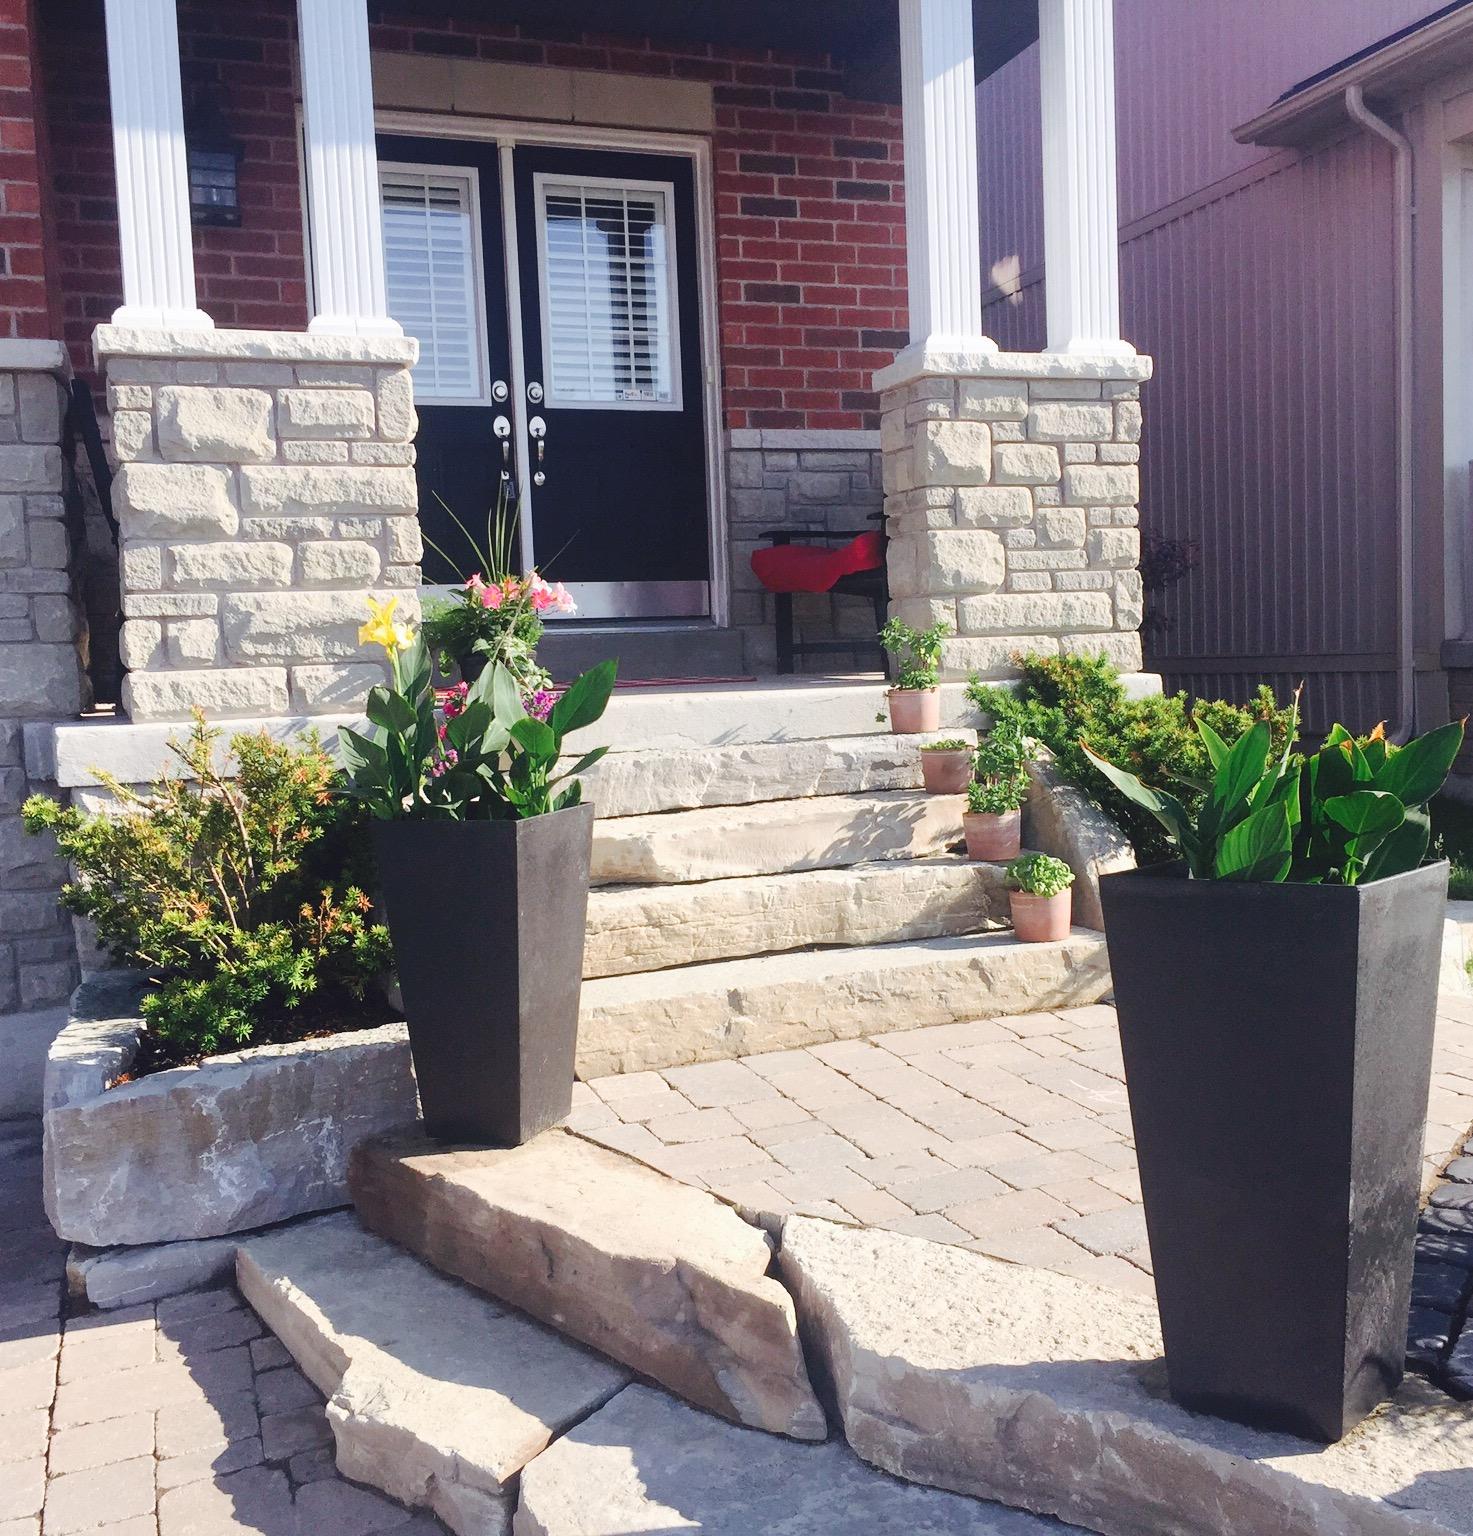 50 Unique Tierra Verde Self Watering Planter Design Ideas